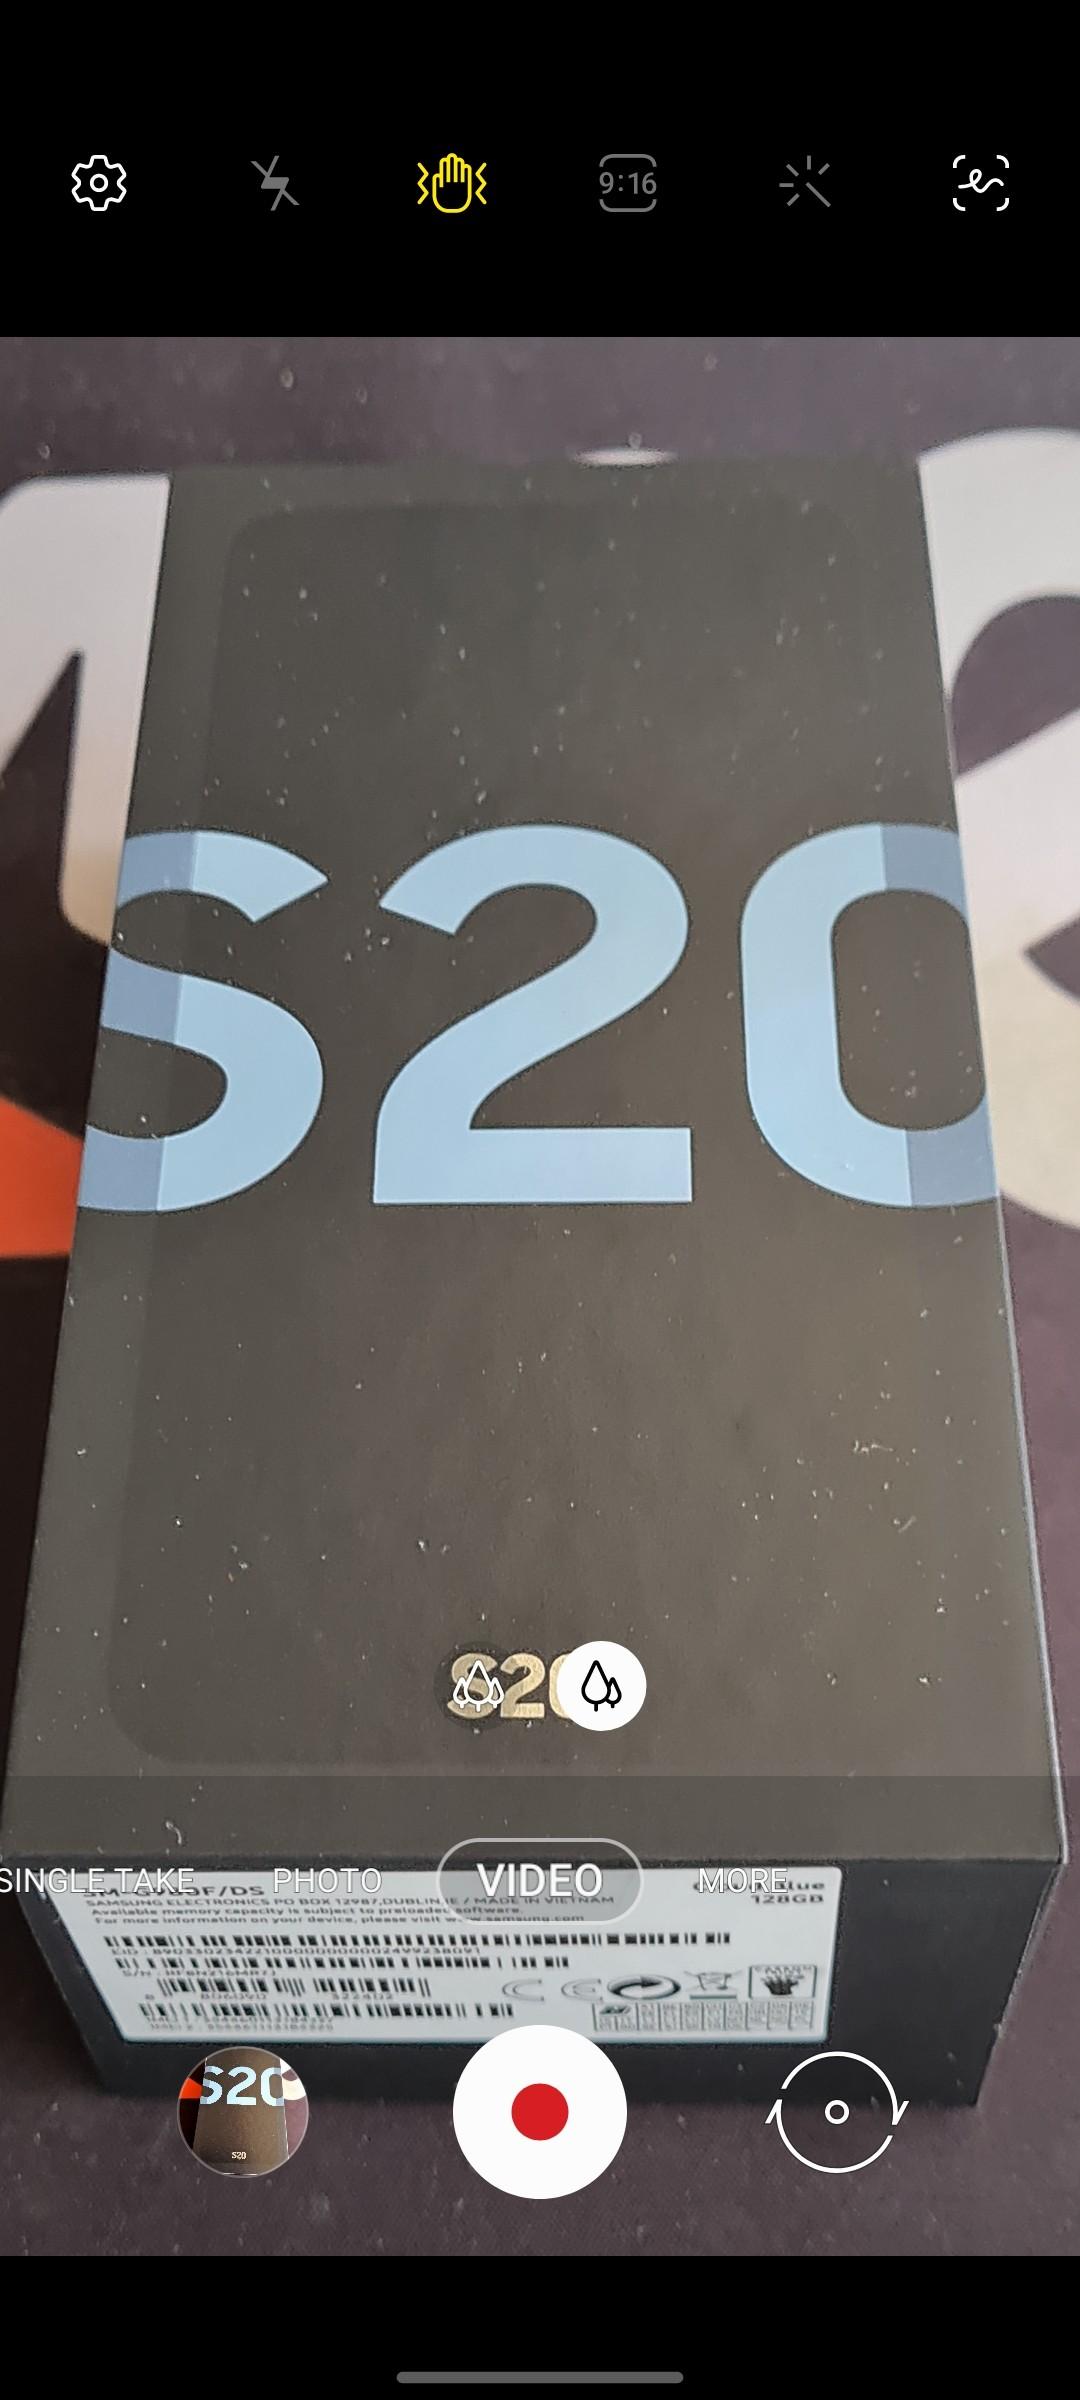 بررسی و نقد گوشی گلکسی اس 20 سامسونگ به همراه تصاویر دوربین 95 - بررسی و نقد کامل گوشی گلکسی اس 20 سامسونگ + مقایسه تصاویر دوربین galaxy s20 - گوشی هوشمند, گوشی های هوشمند, گوشی Galaxy s20, گلکسی اس 20 سامسونگ, گلکسی اس 20, نقد و بررسی گوشی موبایل, سامسونگ گلکسی S